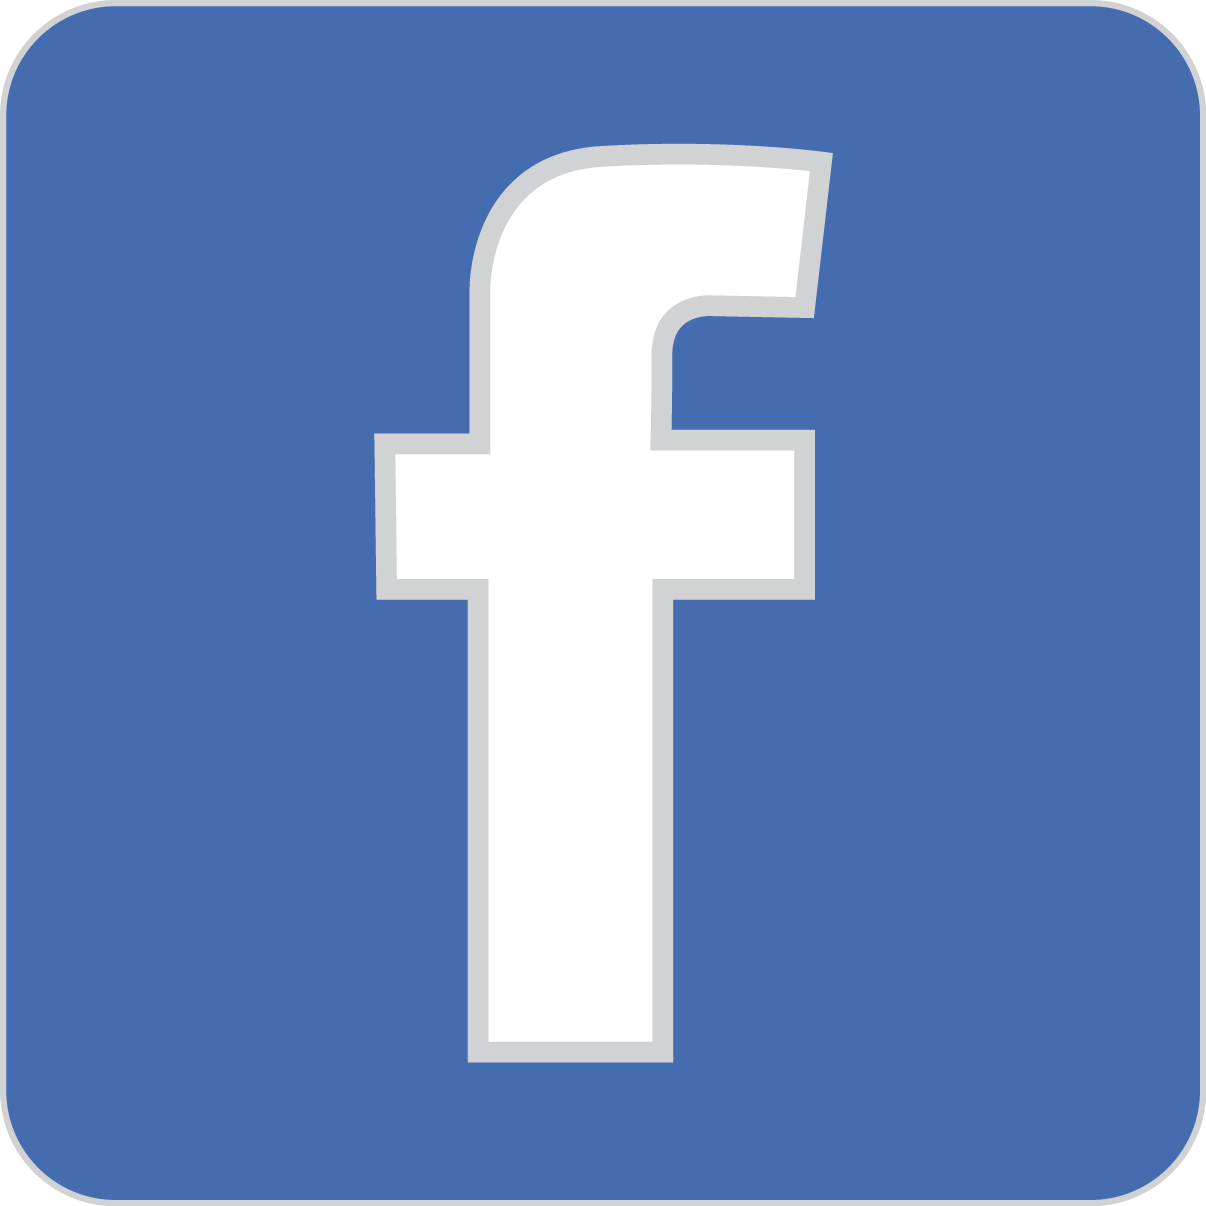 Adoraideas en Facebook